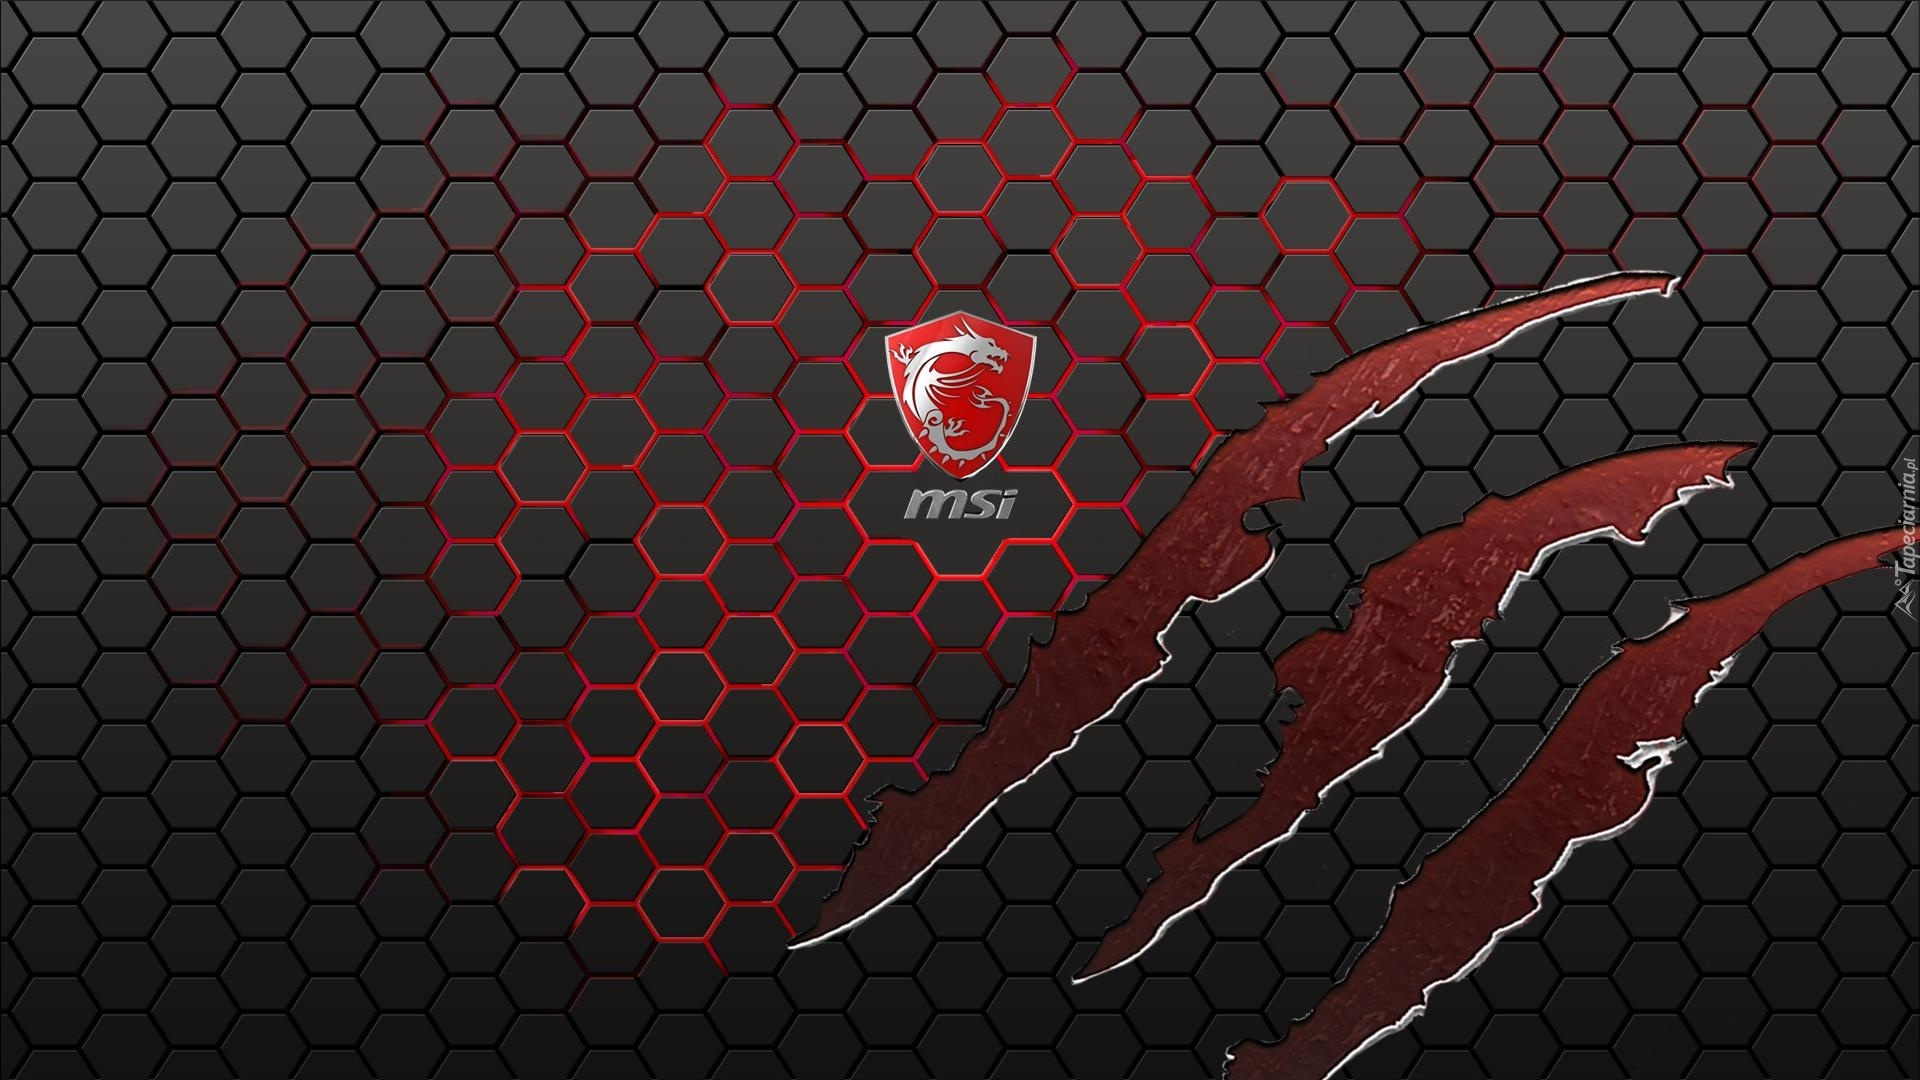 10 New Msi Gaming Series Wallpaper Full Hd 1920 1080 For: MSI